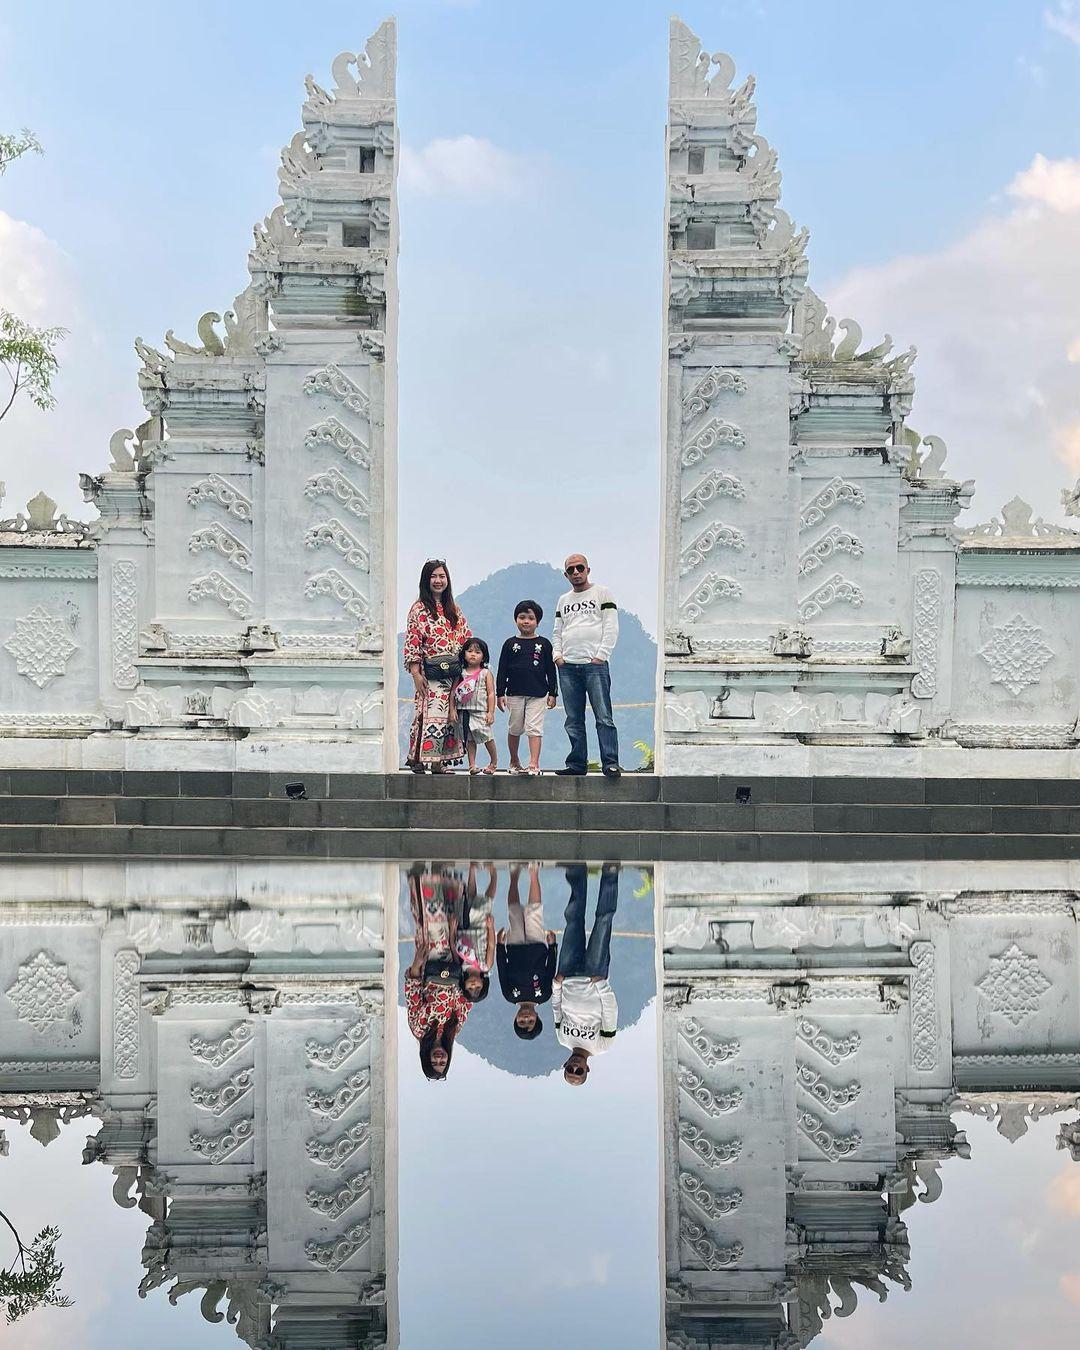 Berfoto Di Spot Foto Mandapa Kirana Sentul Bogor Image From @merryaulia19